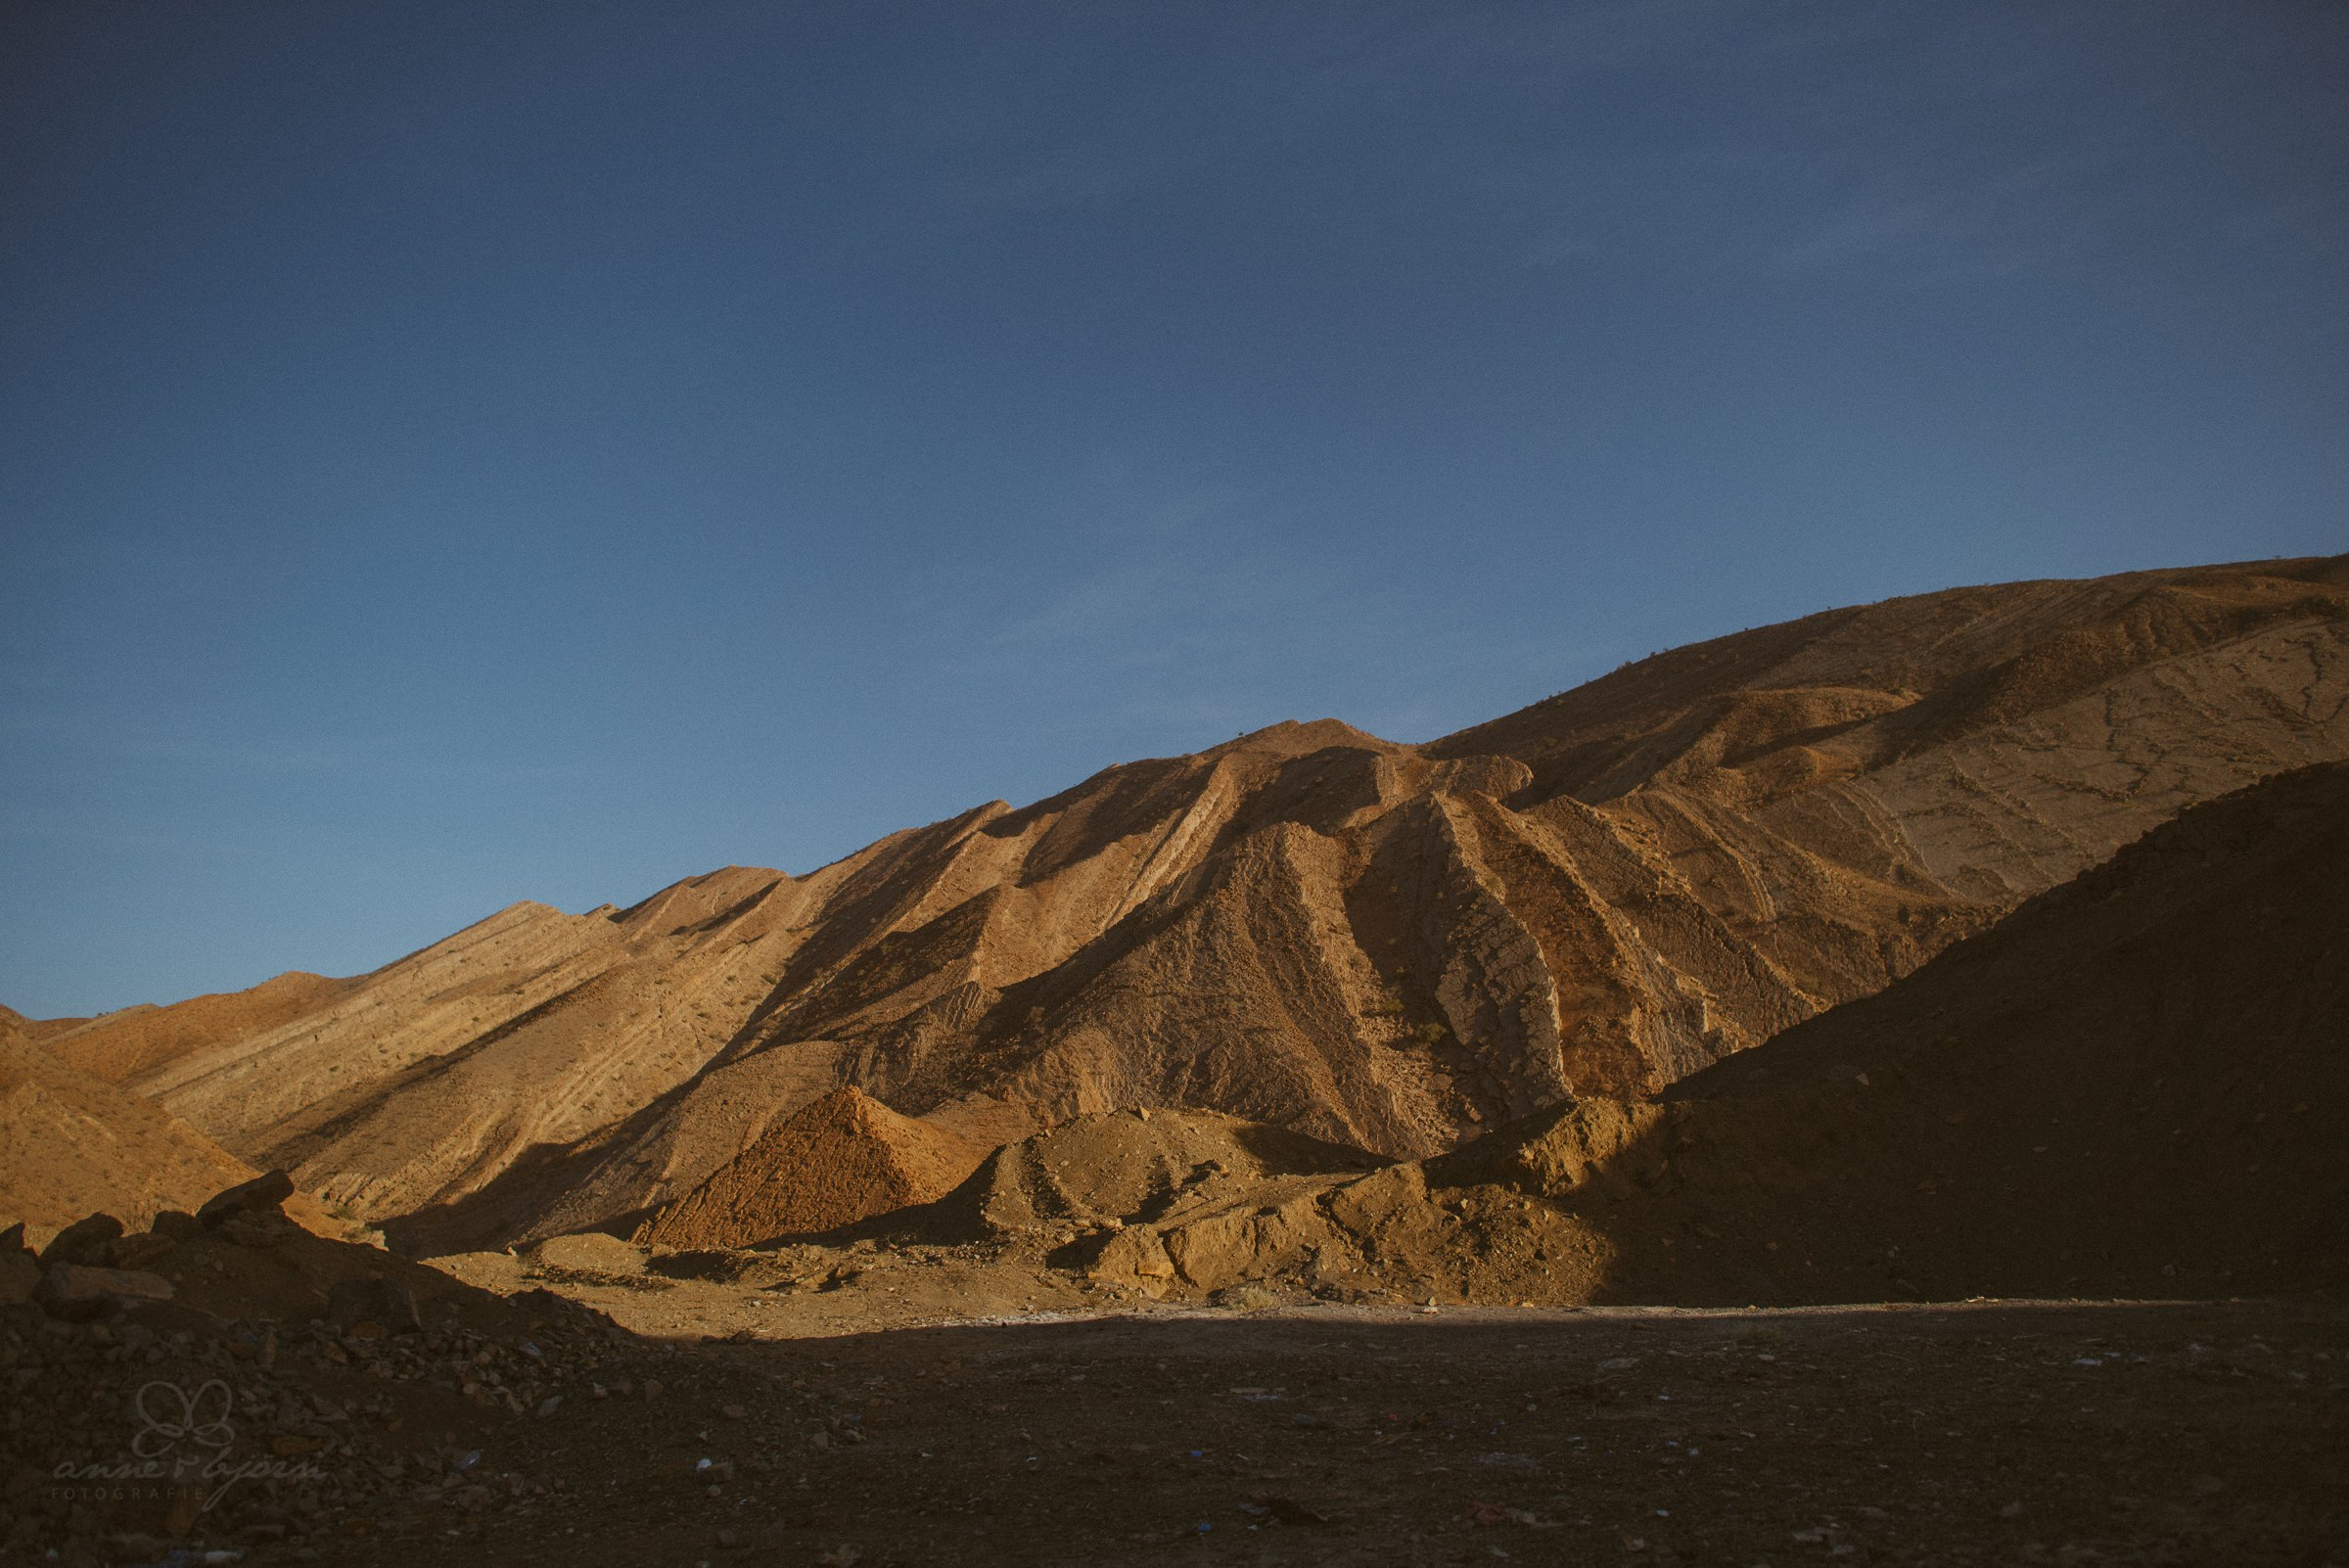 Licht, Schatten, Salzwüste, Danakil Depression